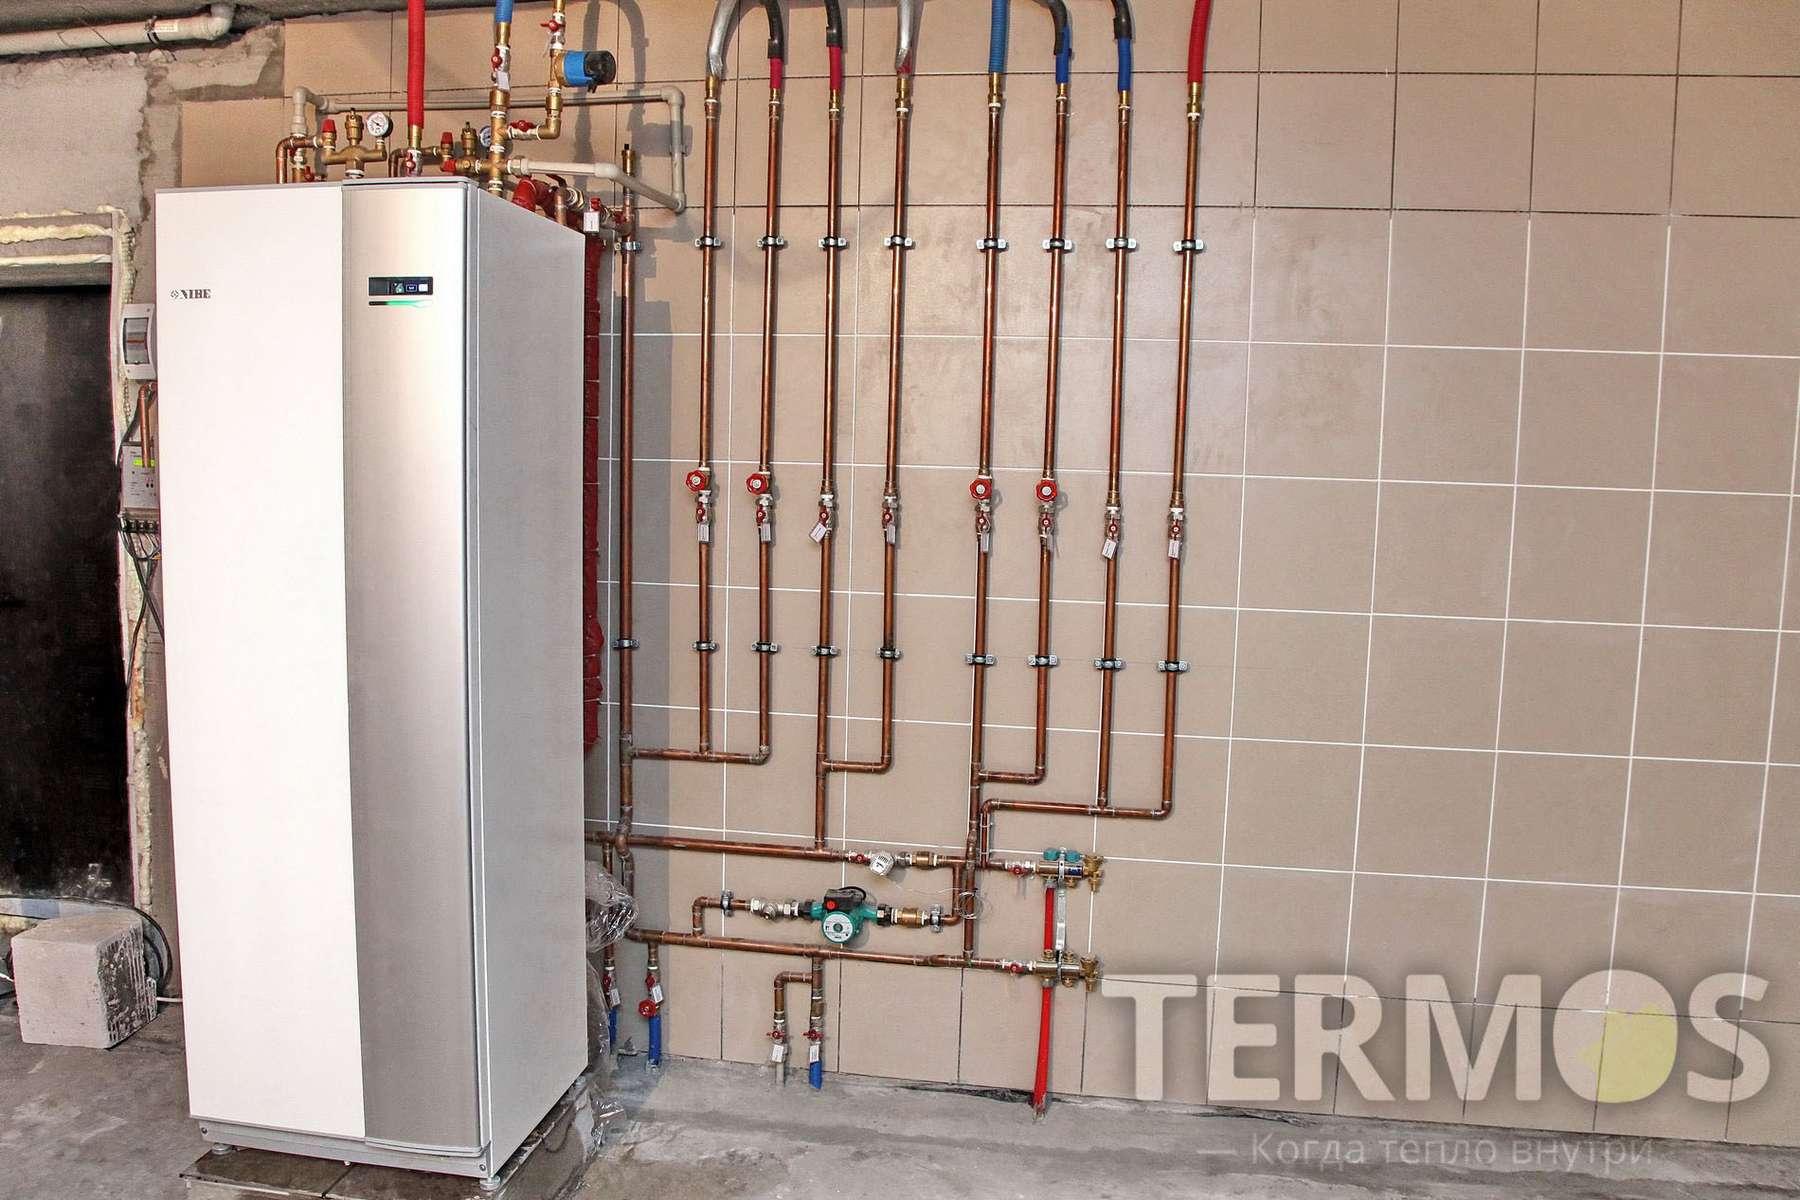 2015 год, Киев. Дом 200 кв м Экономичная система отопления, на геотермальном тепловом насосе NIBE (Швеция) 10 кВт, с тремя геотермальными скважинами по 70 м